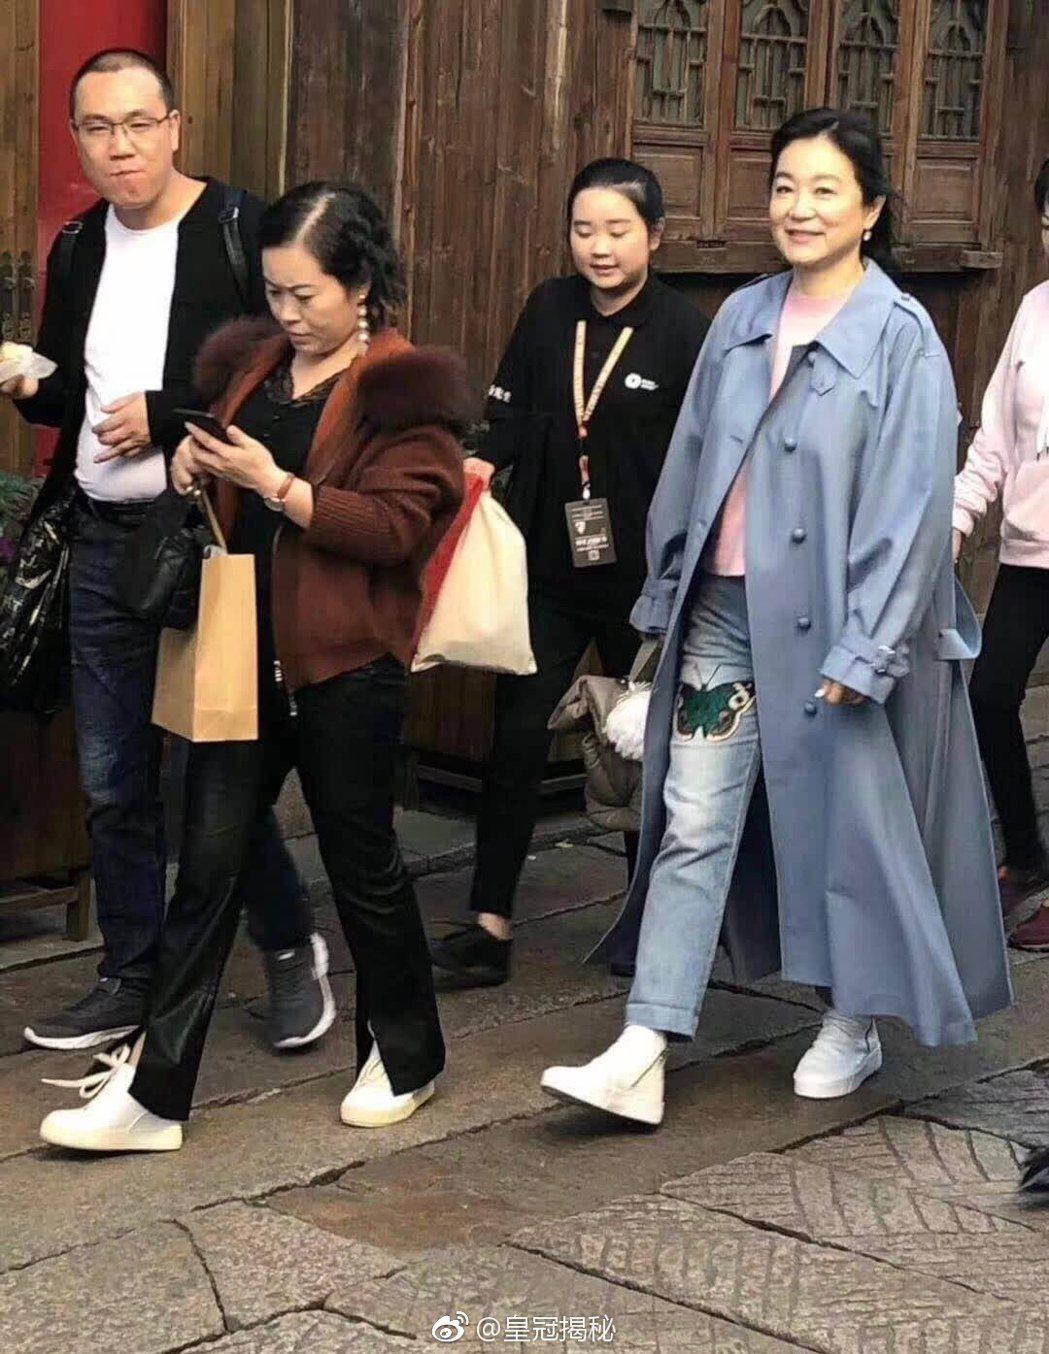 林青霞日前在參加烏鎮戲劇節在街上閒晃。 圖/擷自微博。